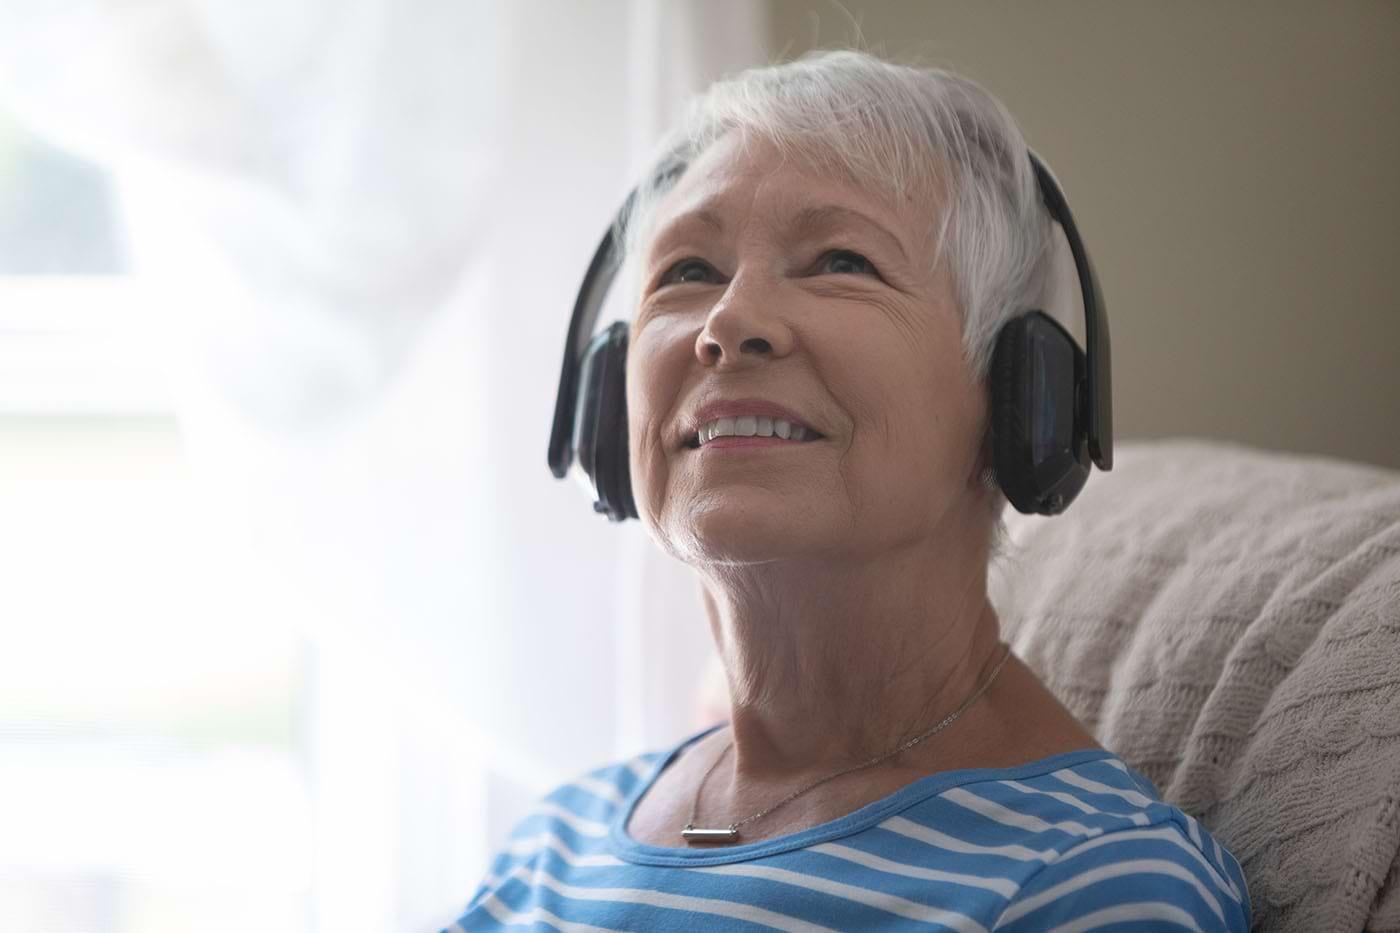 Vârstnicii care ascultă muzică relaxantă seara dorm mai bine (studiu)